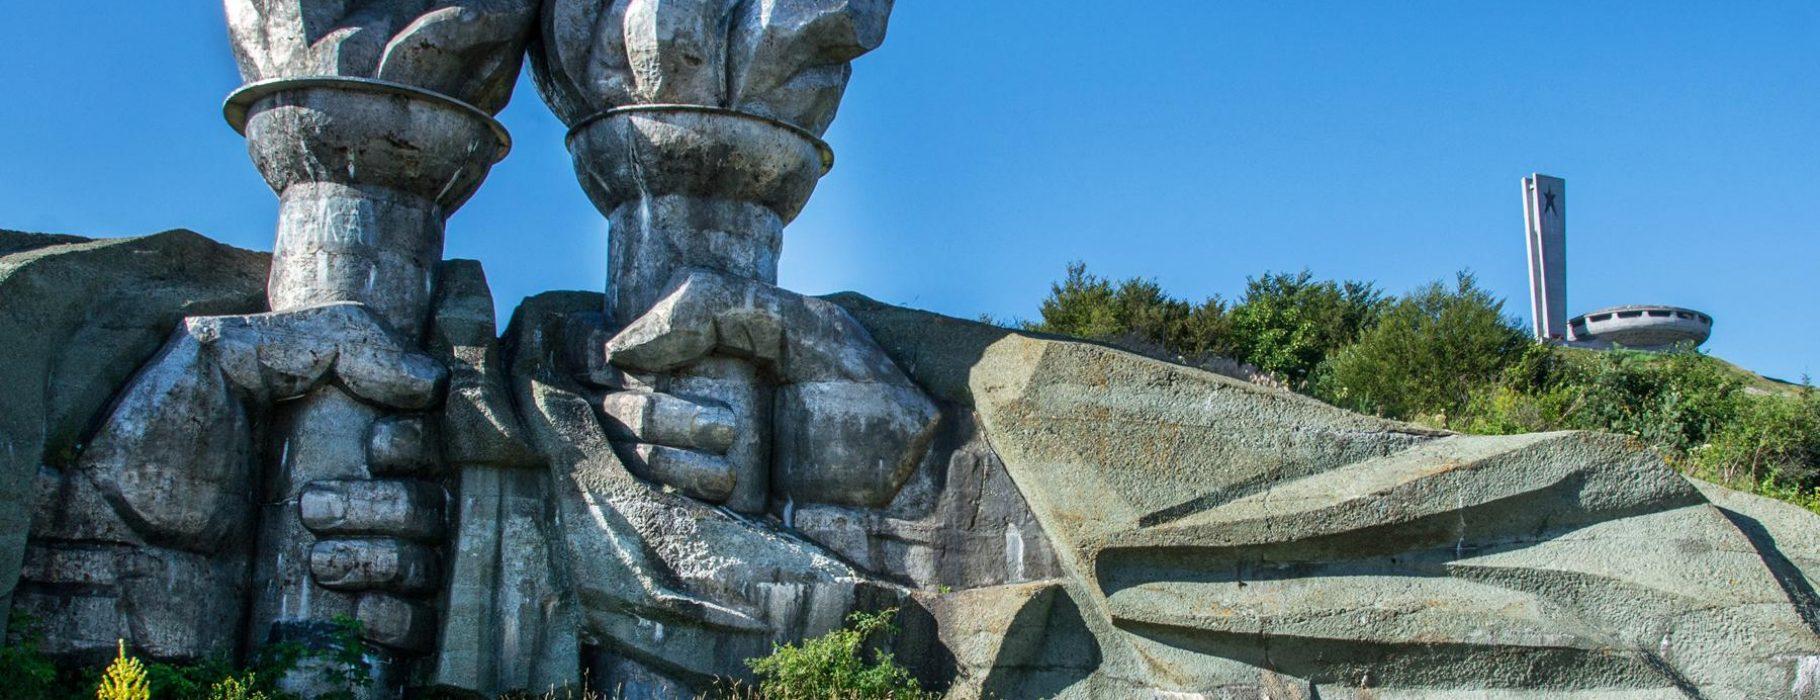 Abandoned-Soviet-Monuments-Buzludzha-Monument-1